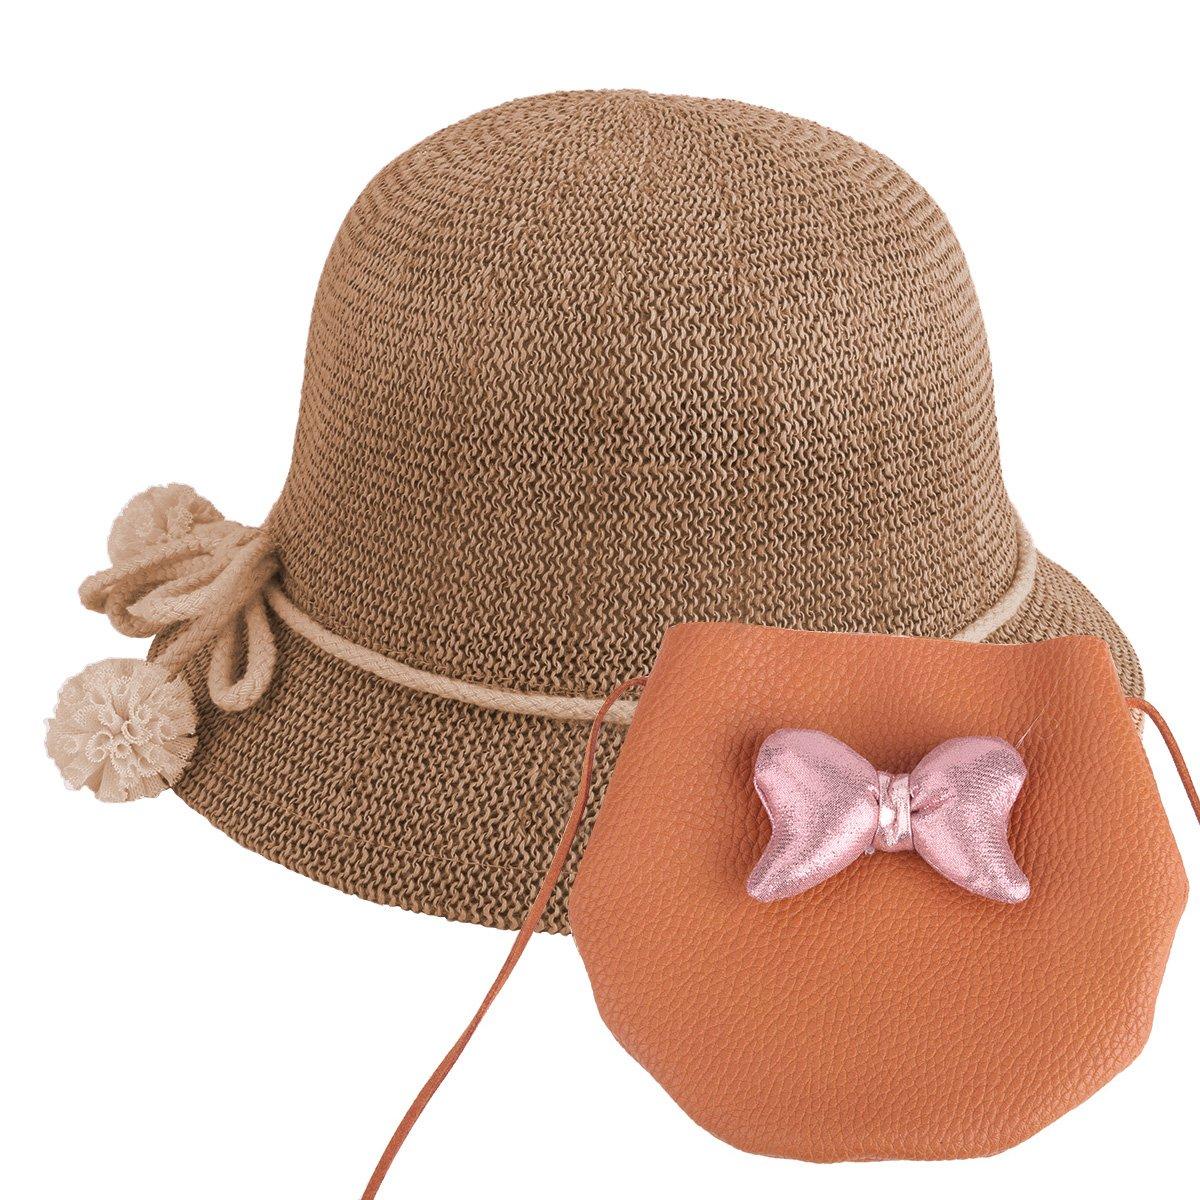 Baby Straw Hat Summer Girls Hat Purse Set Beach Floppy Hats Kids Sun Hat with Bag (Brown) by YOPINDO